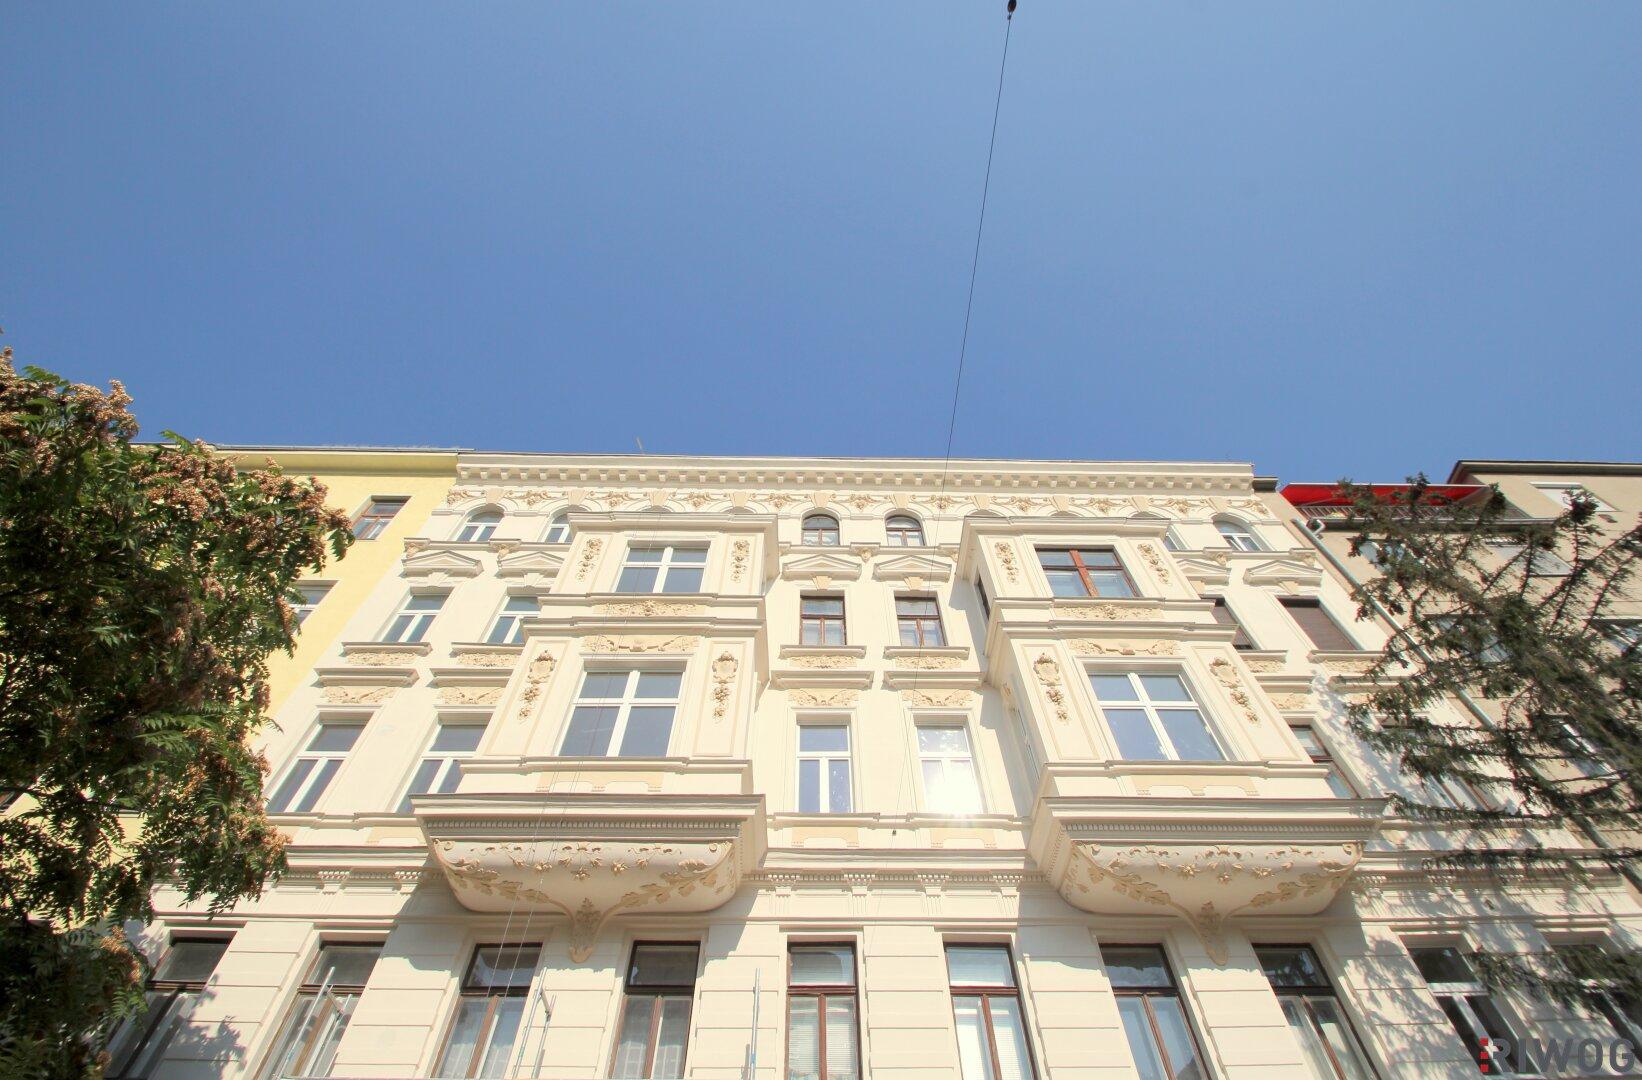 **VORGARTEN1020**  Dachgeschoss-Erstbezug mit großzügigen Terrassenflächen nahe der Donauinsel (Projektansicht)